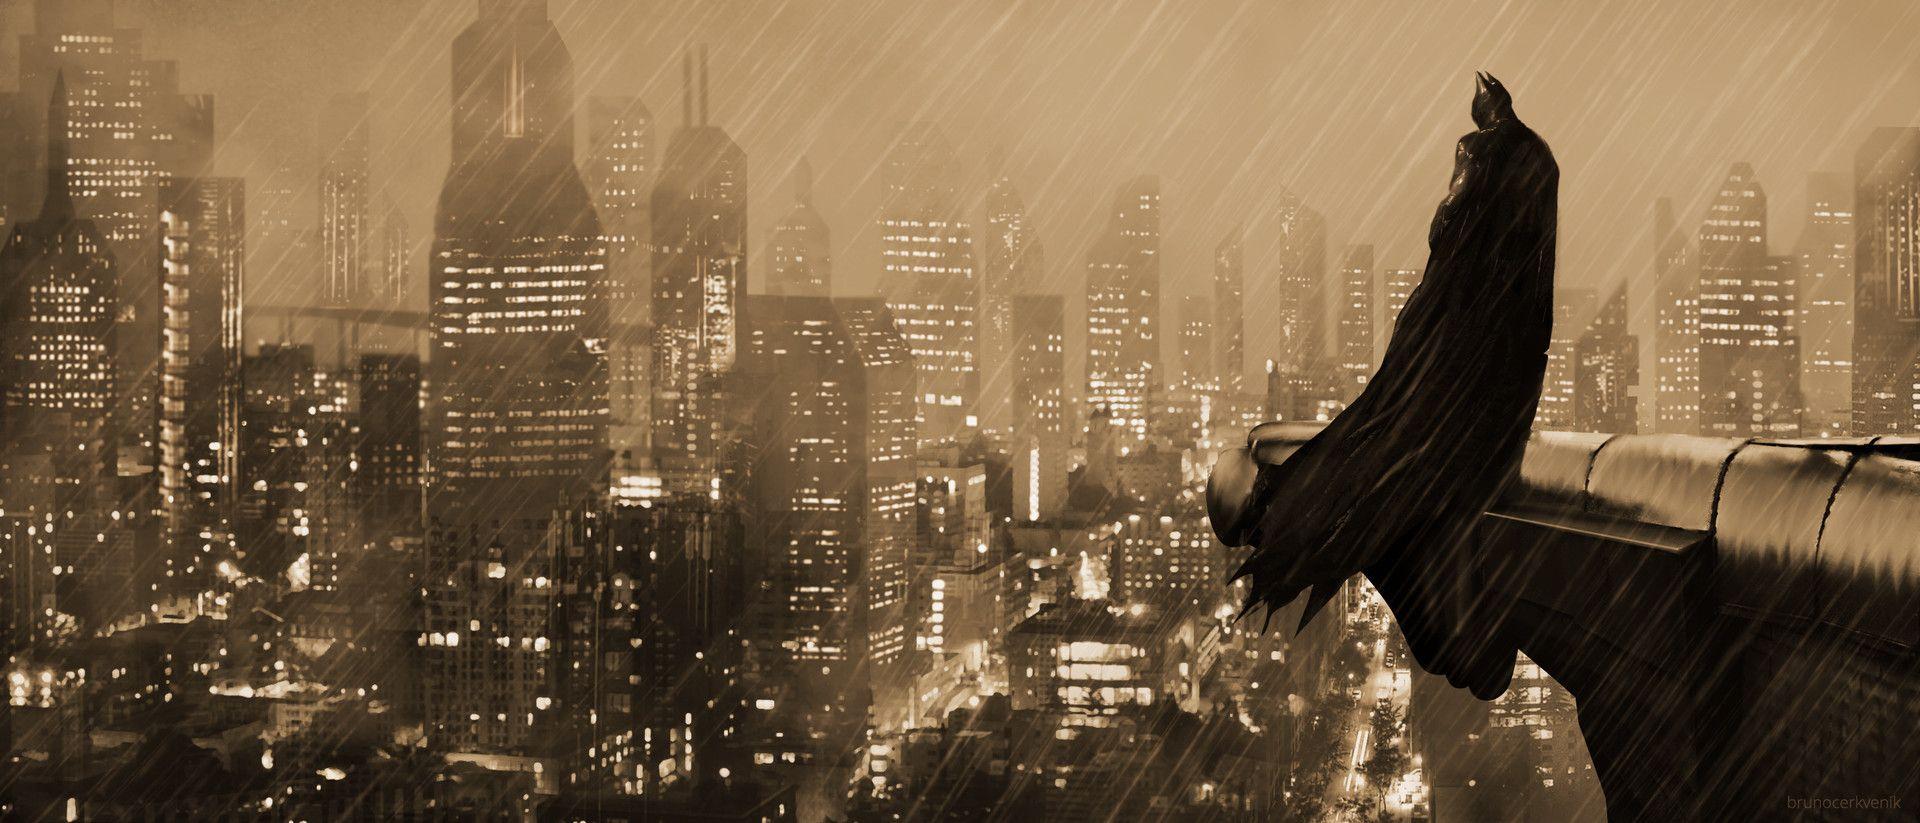 Mumbai City Wallpaper Hd Desktop Wallpaper Batman The Guardian Of Gotham City